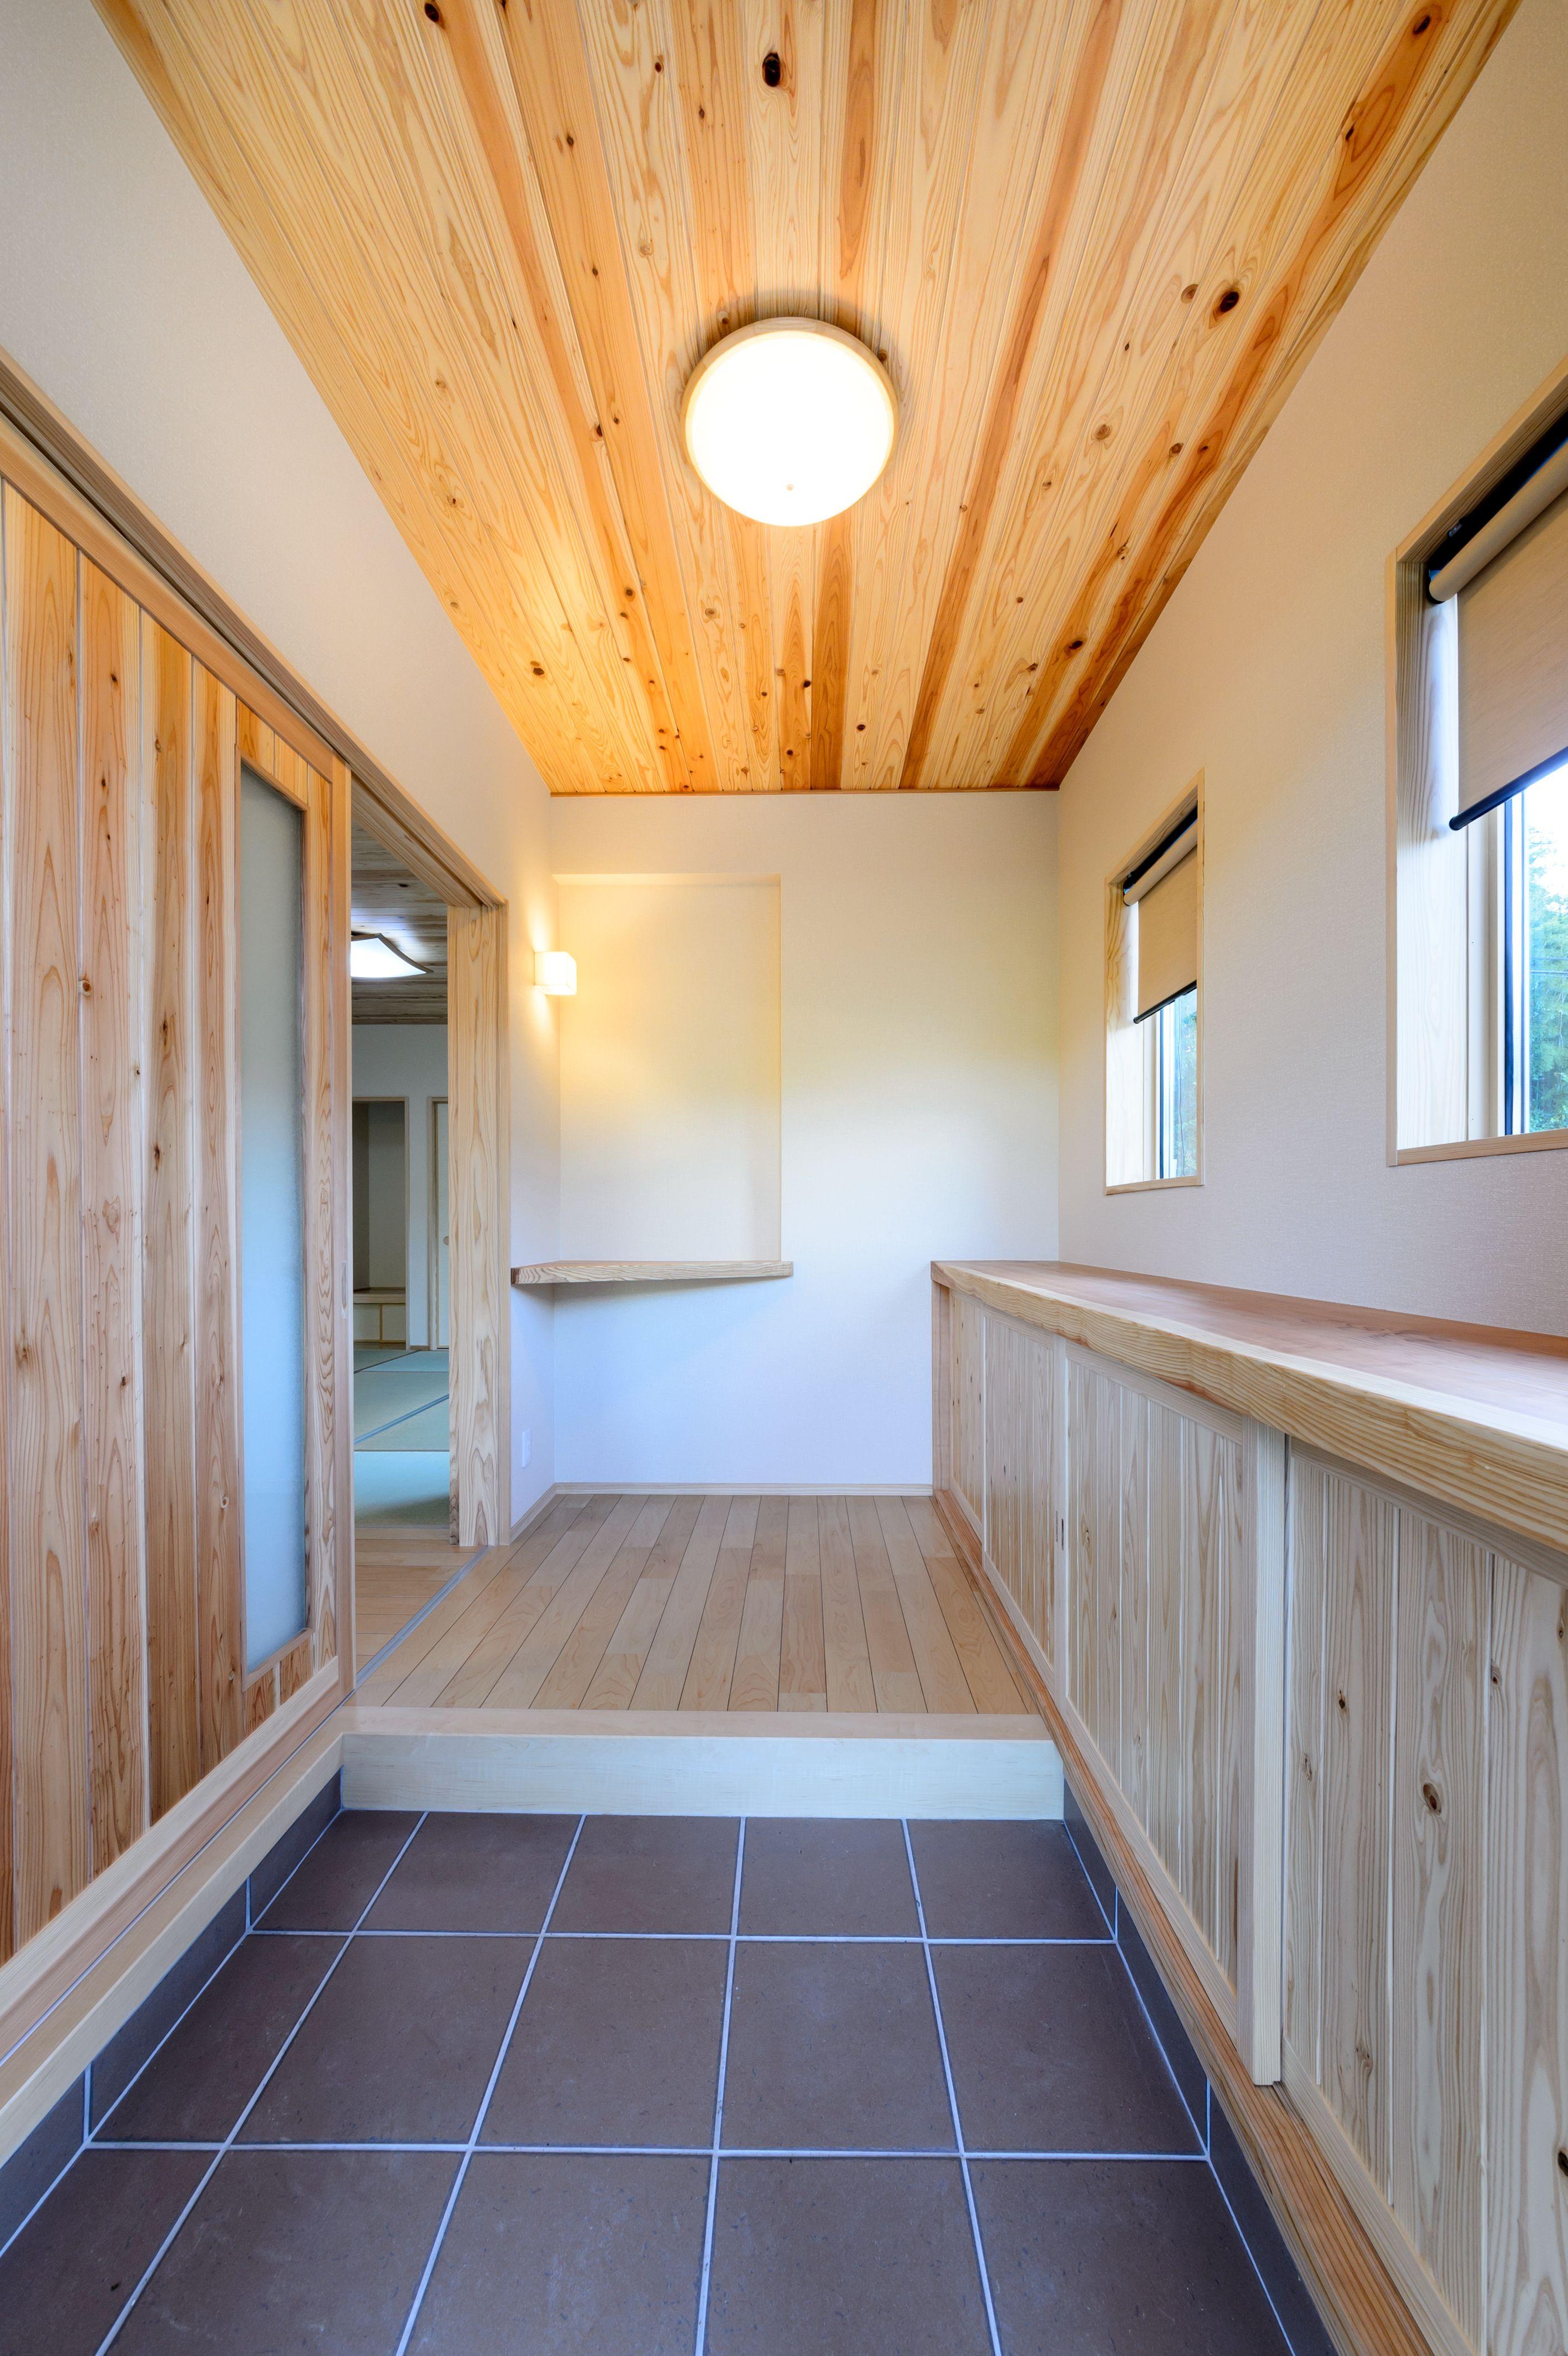 明るい玄関スペース 住宅 家 家 づくり